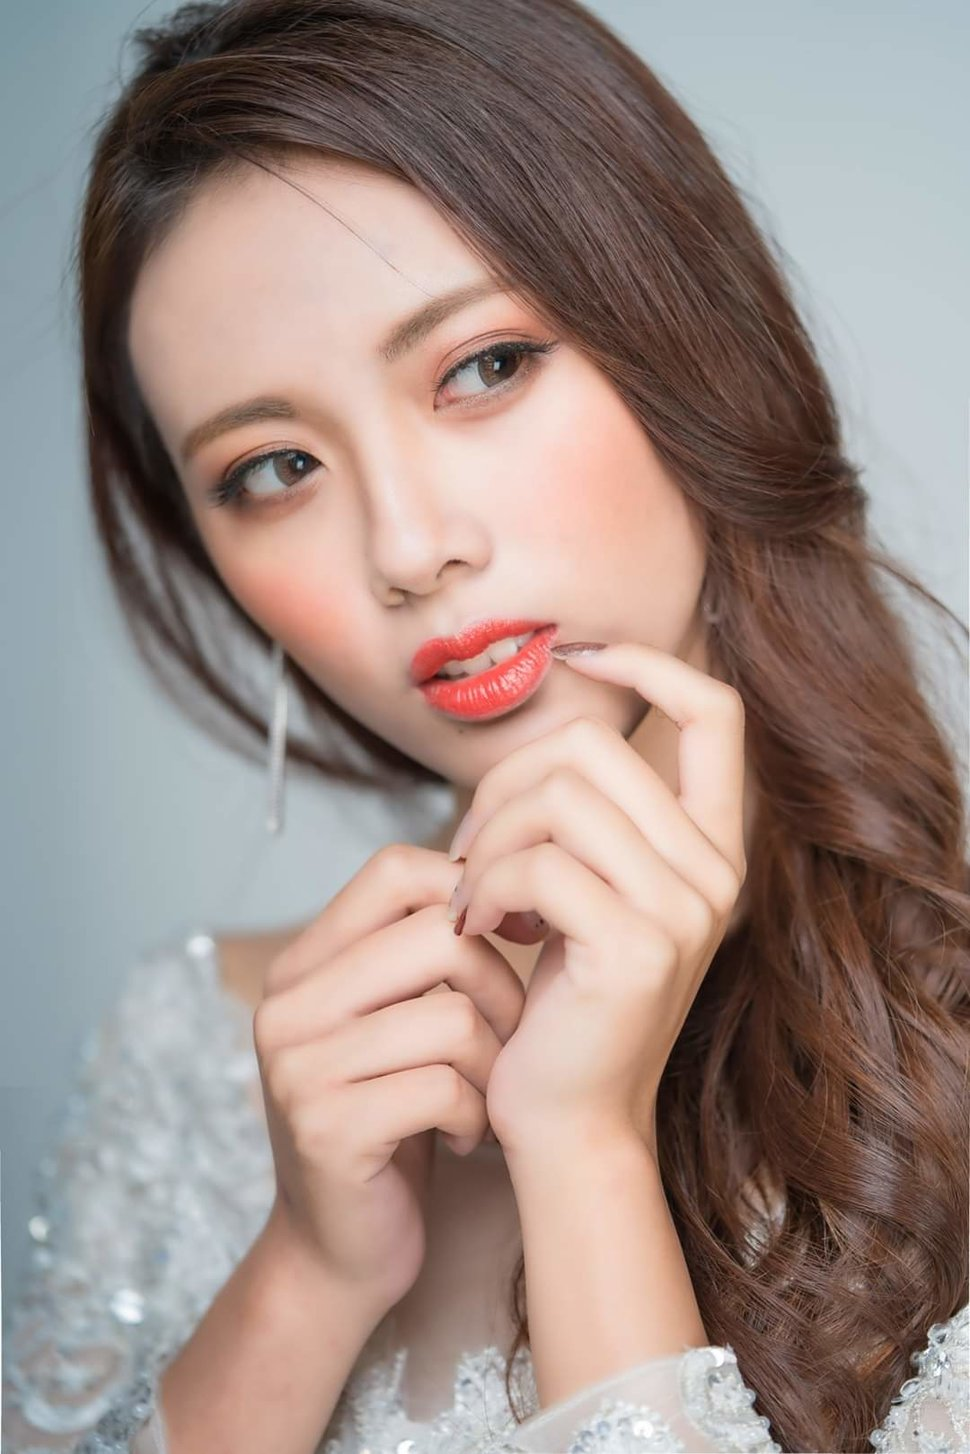 FB_IMG_1581669392428 - 高雄新娘秘書jenny鍾《結婚吧》